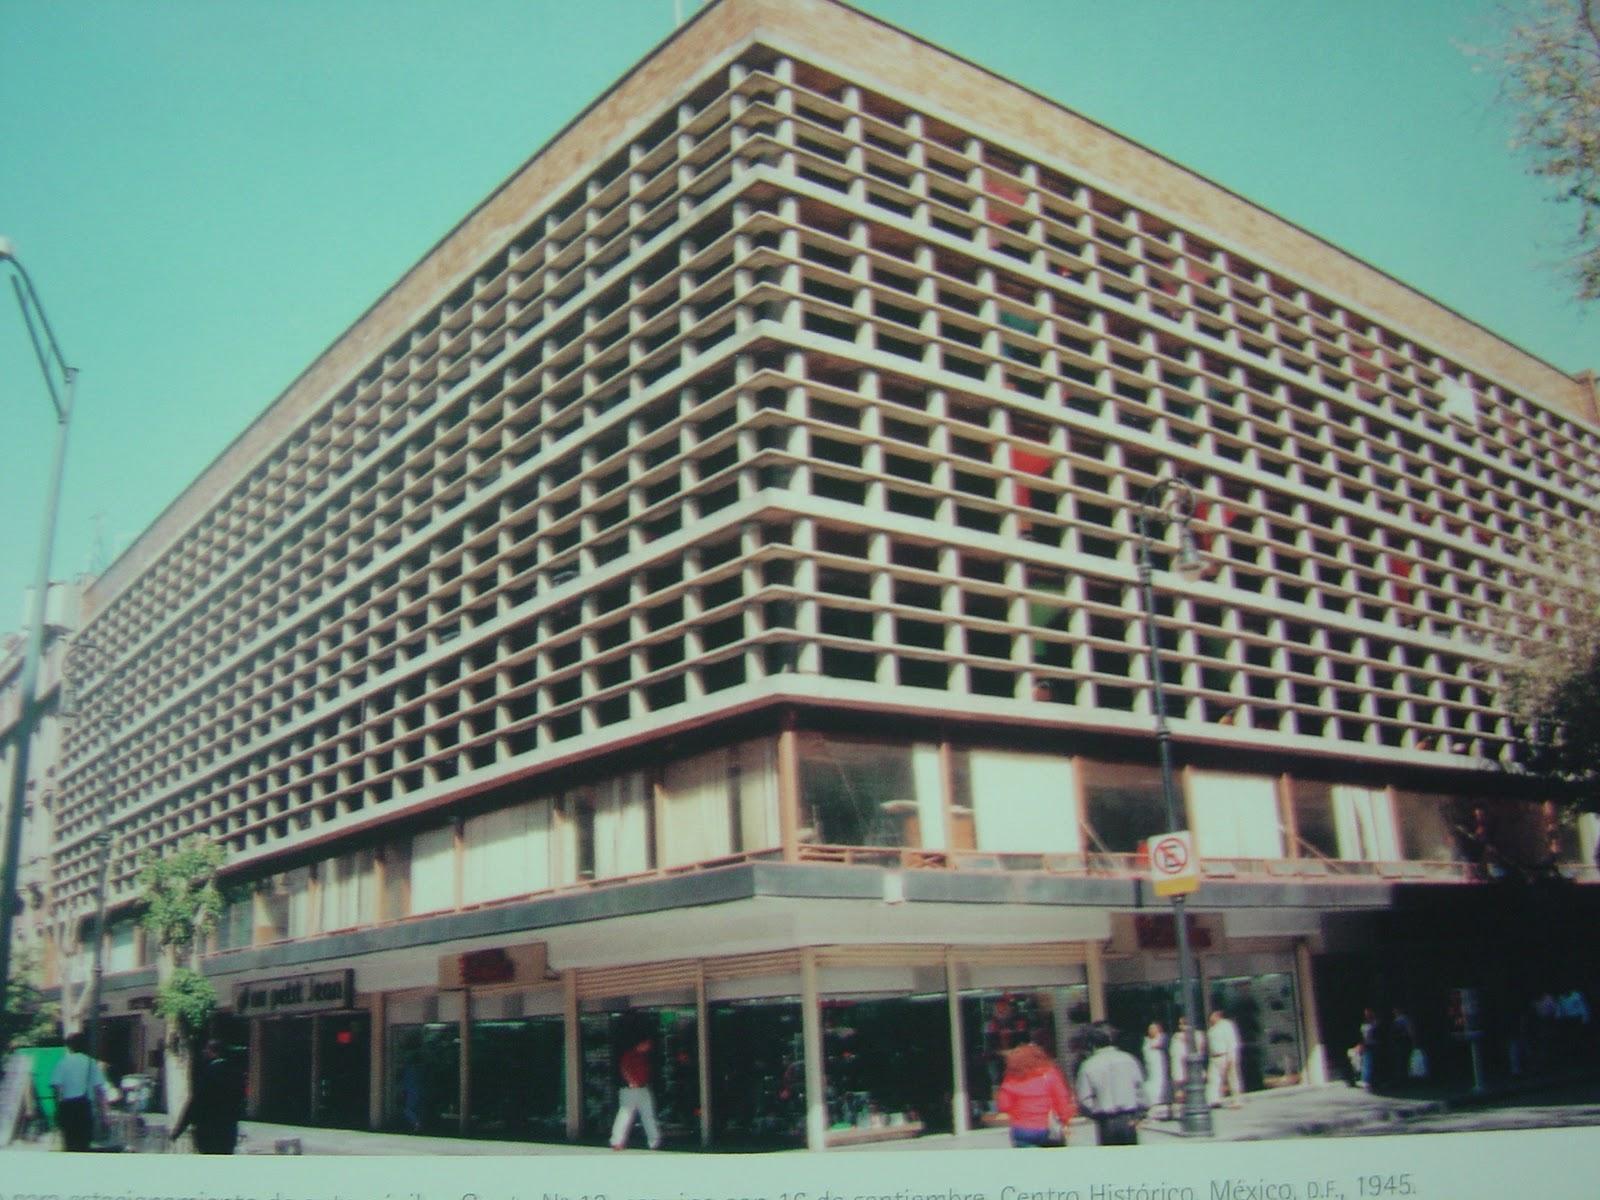 Obras arquitect nicas de jos villagr n garc a elementos for Obras arquitectonicas